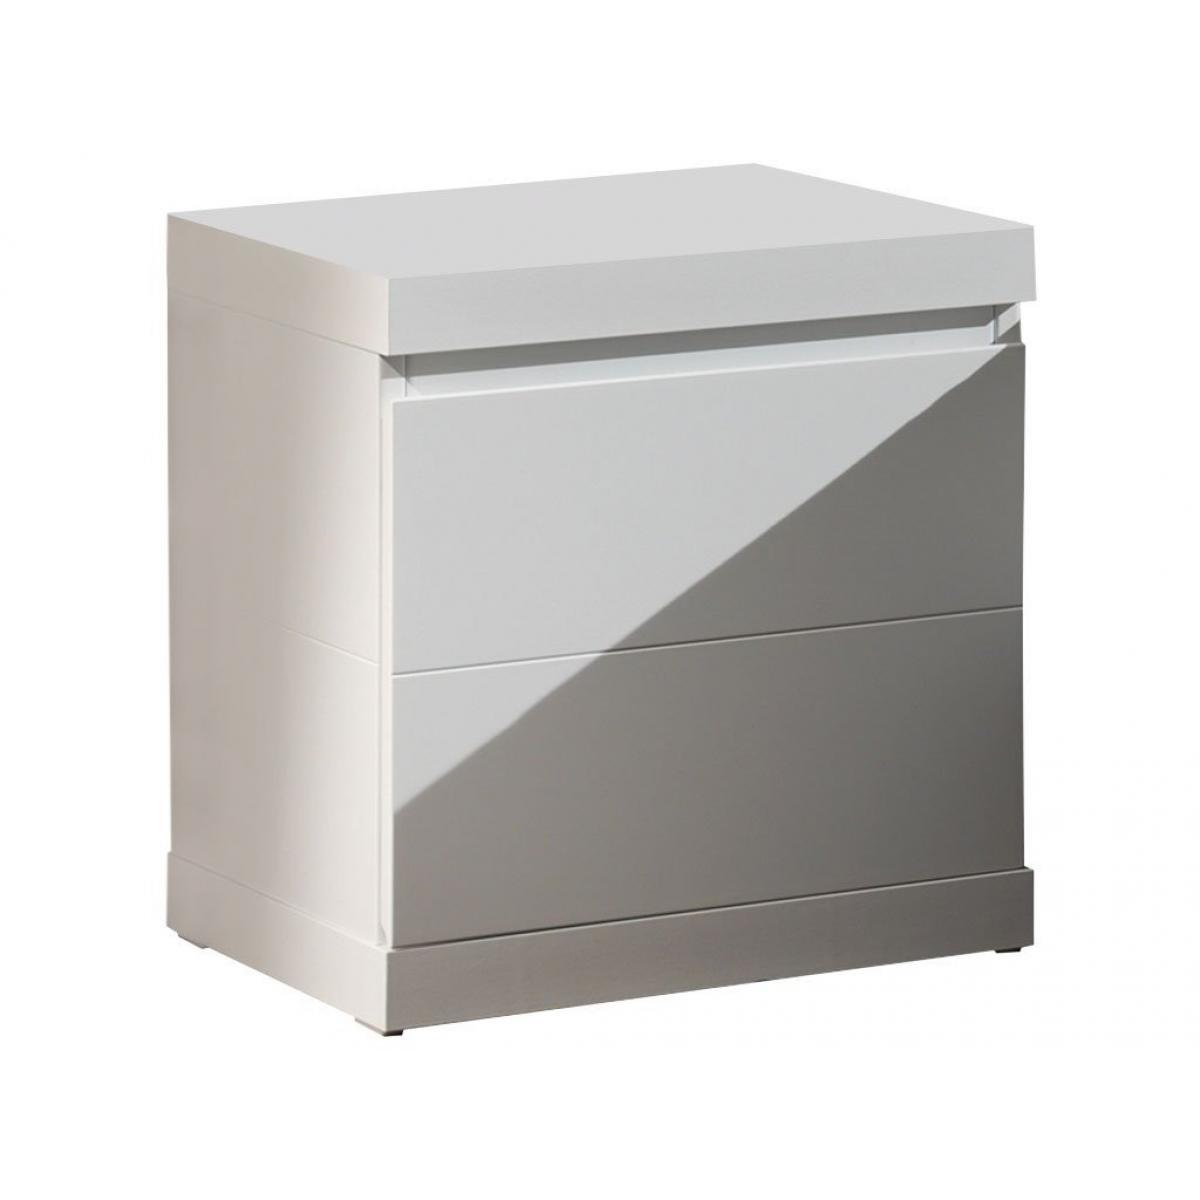 Vipack Vipack LARA Chevet table de nuit laqué blanc